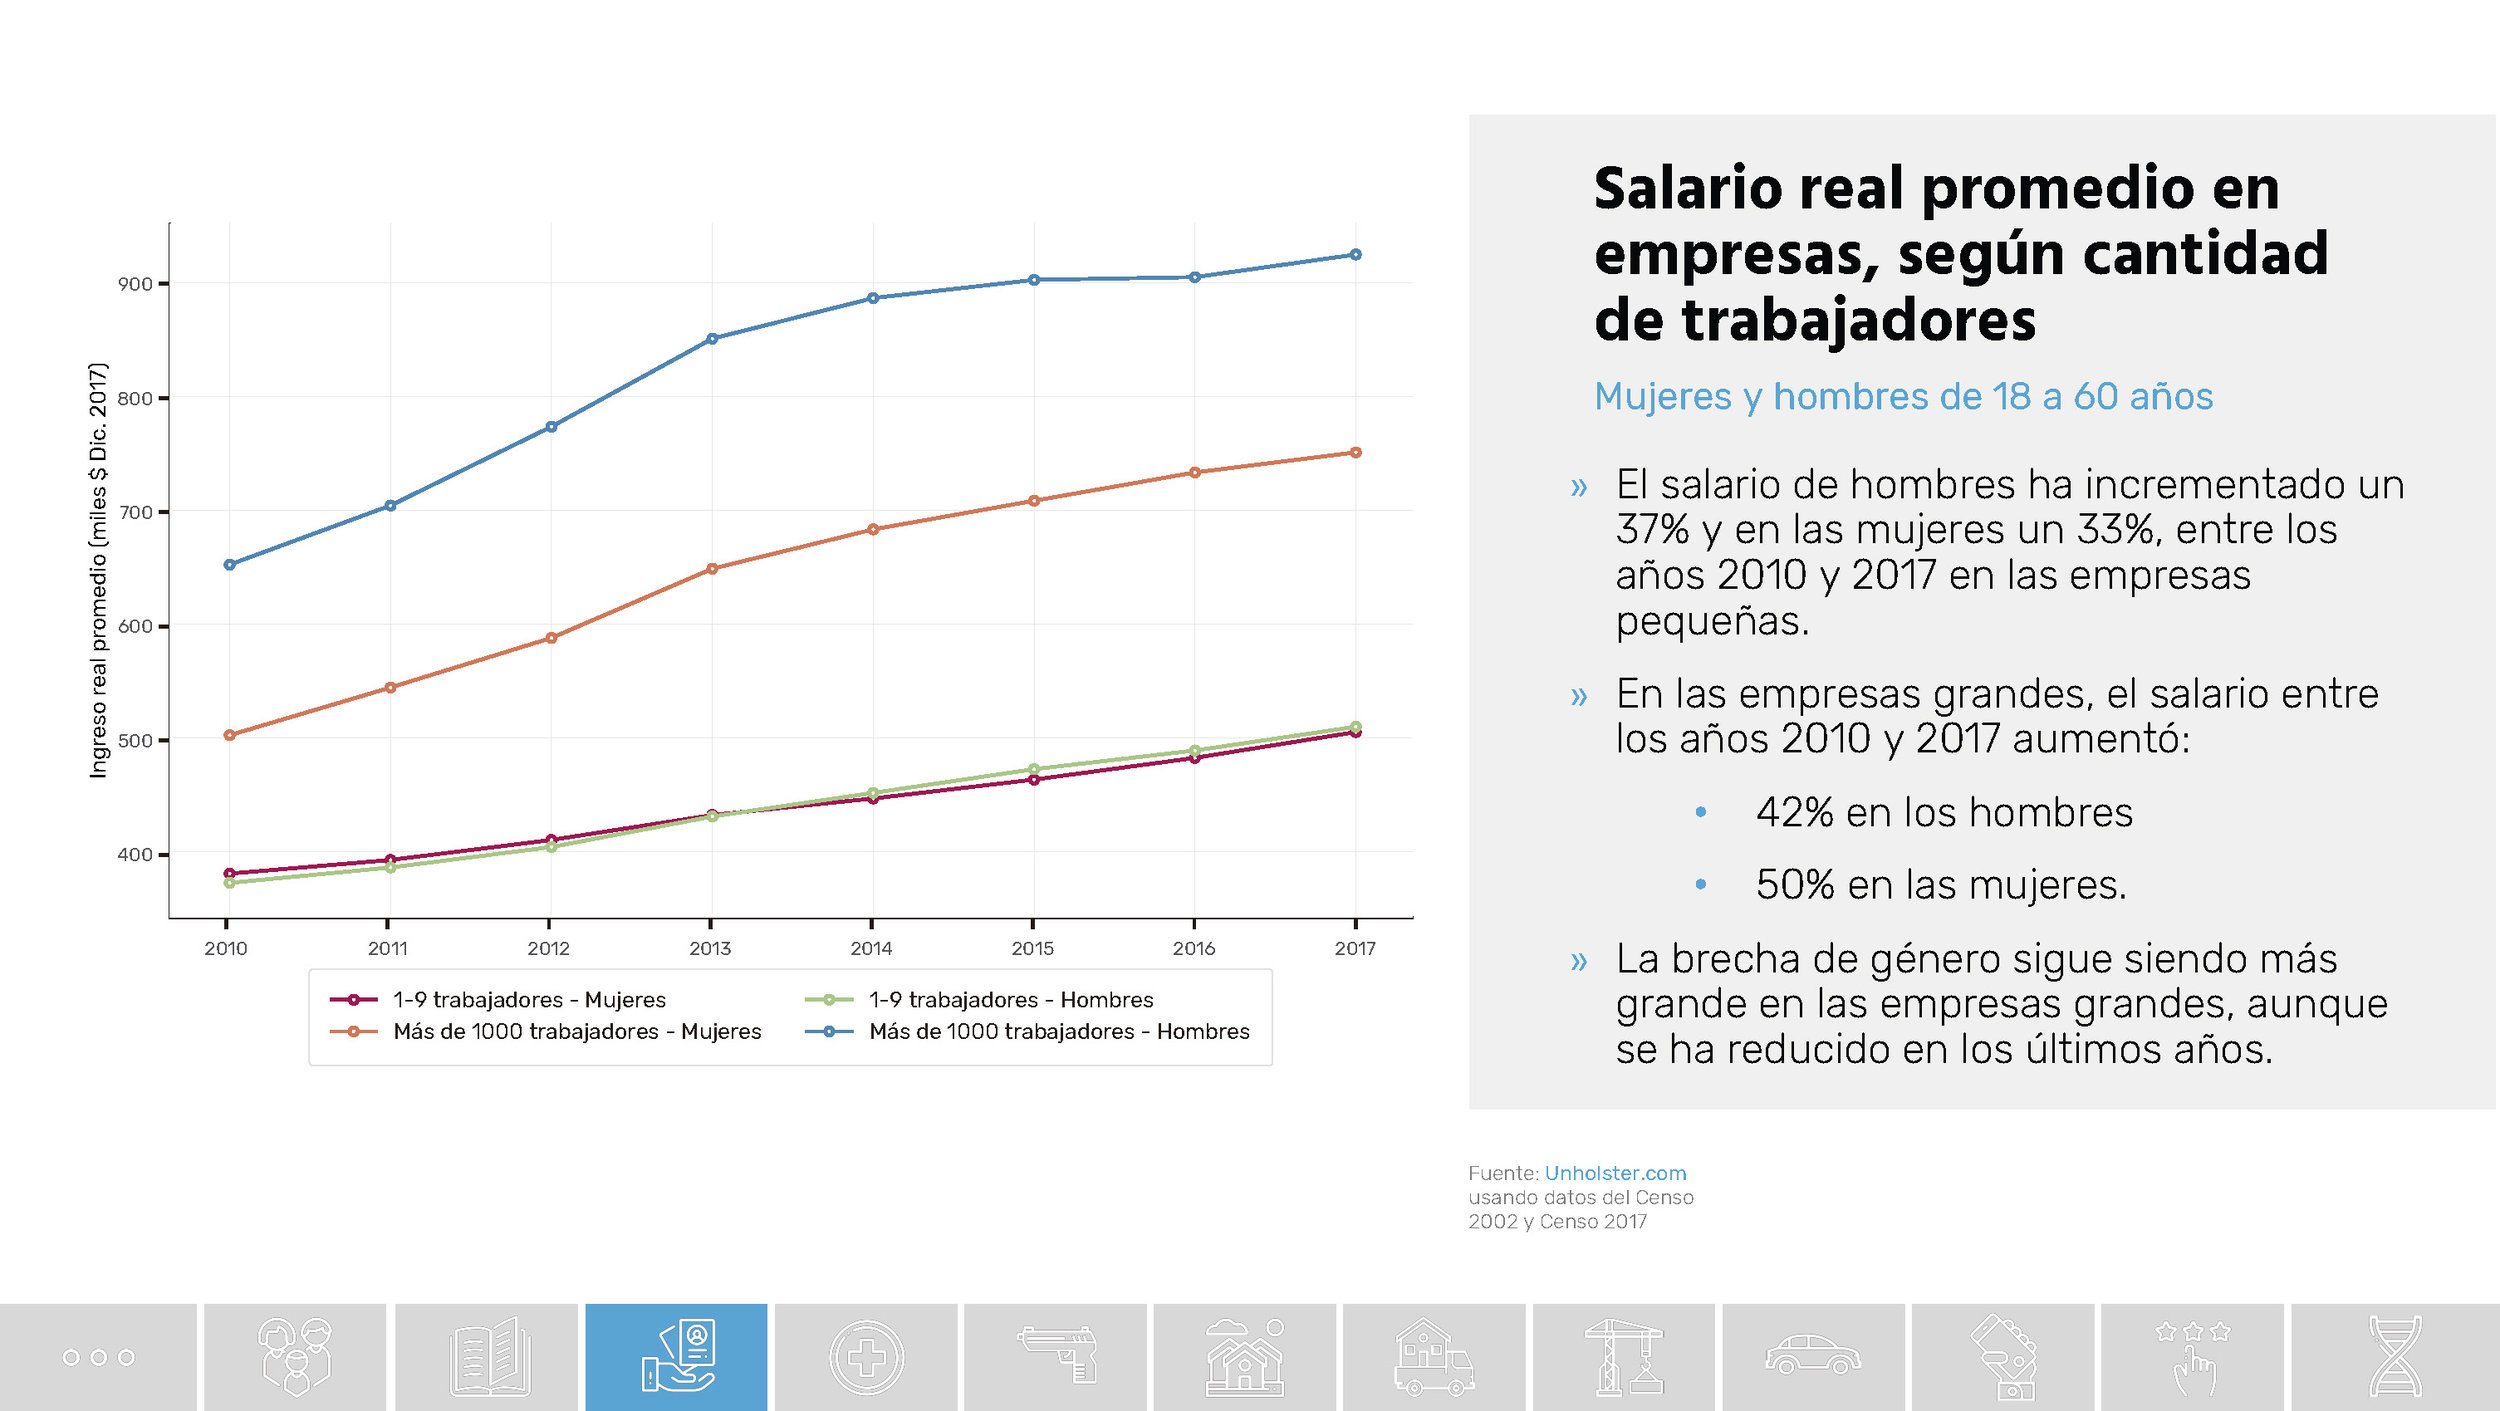 Chile_Datos de una transformacion social_Unholster_Página_31.jpg